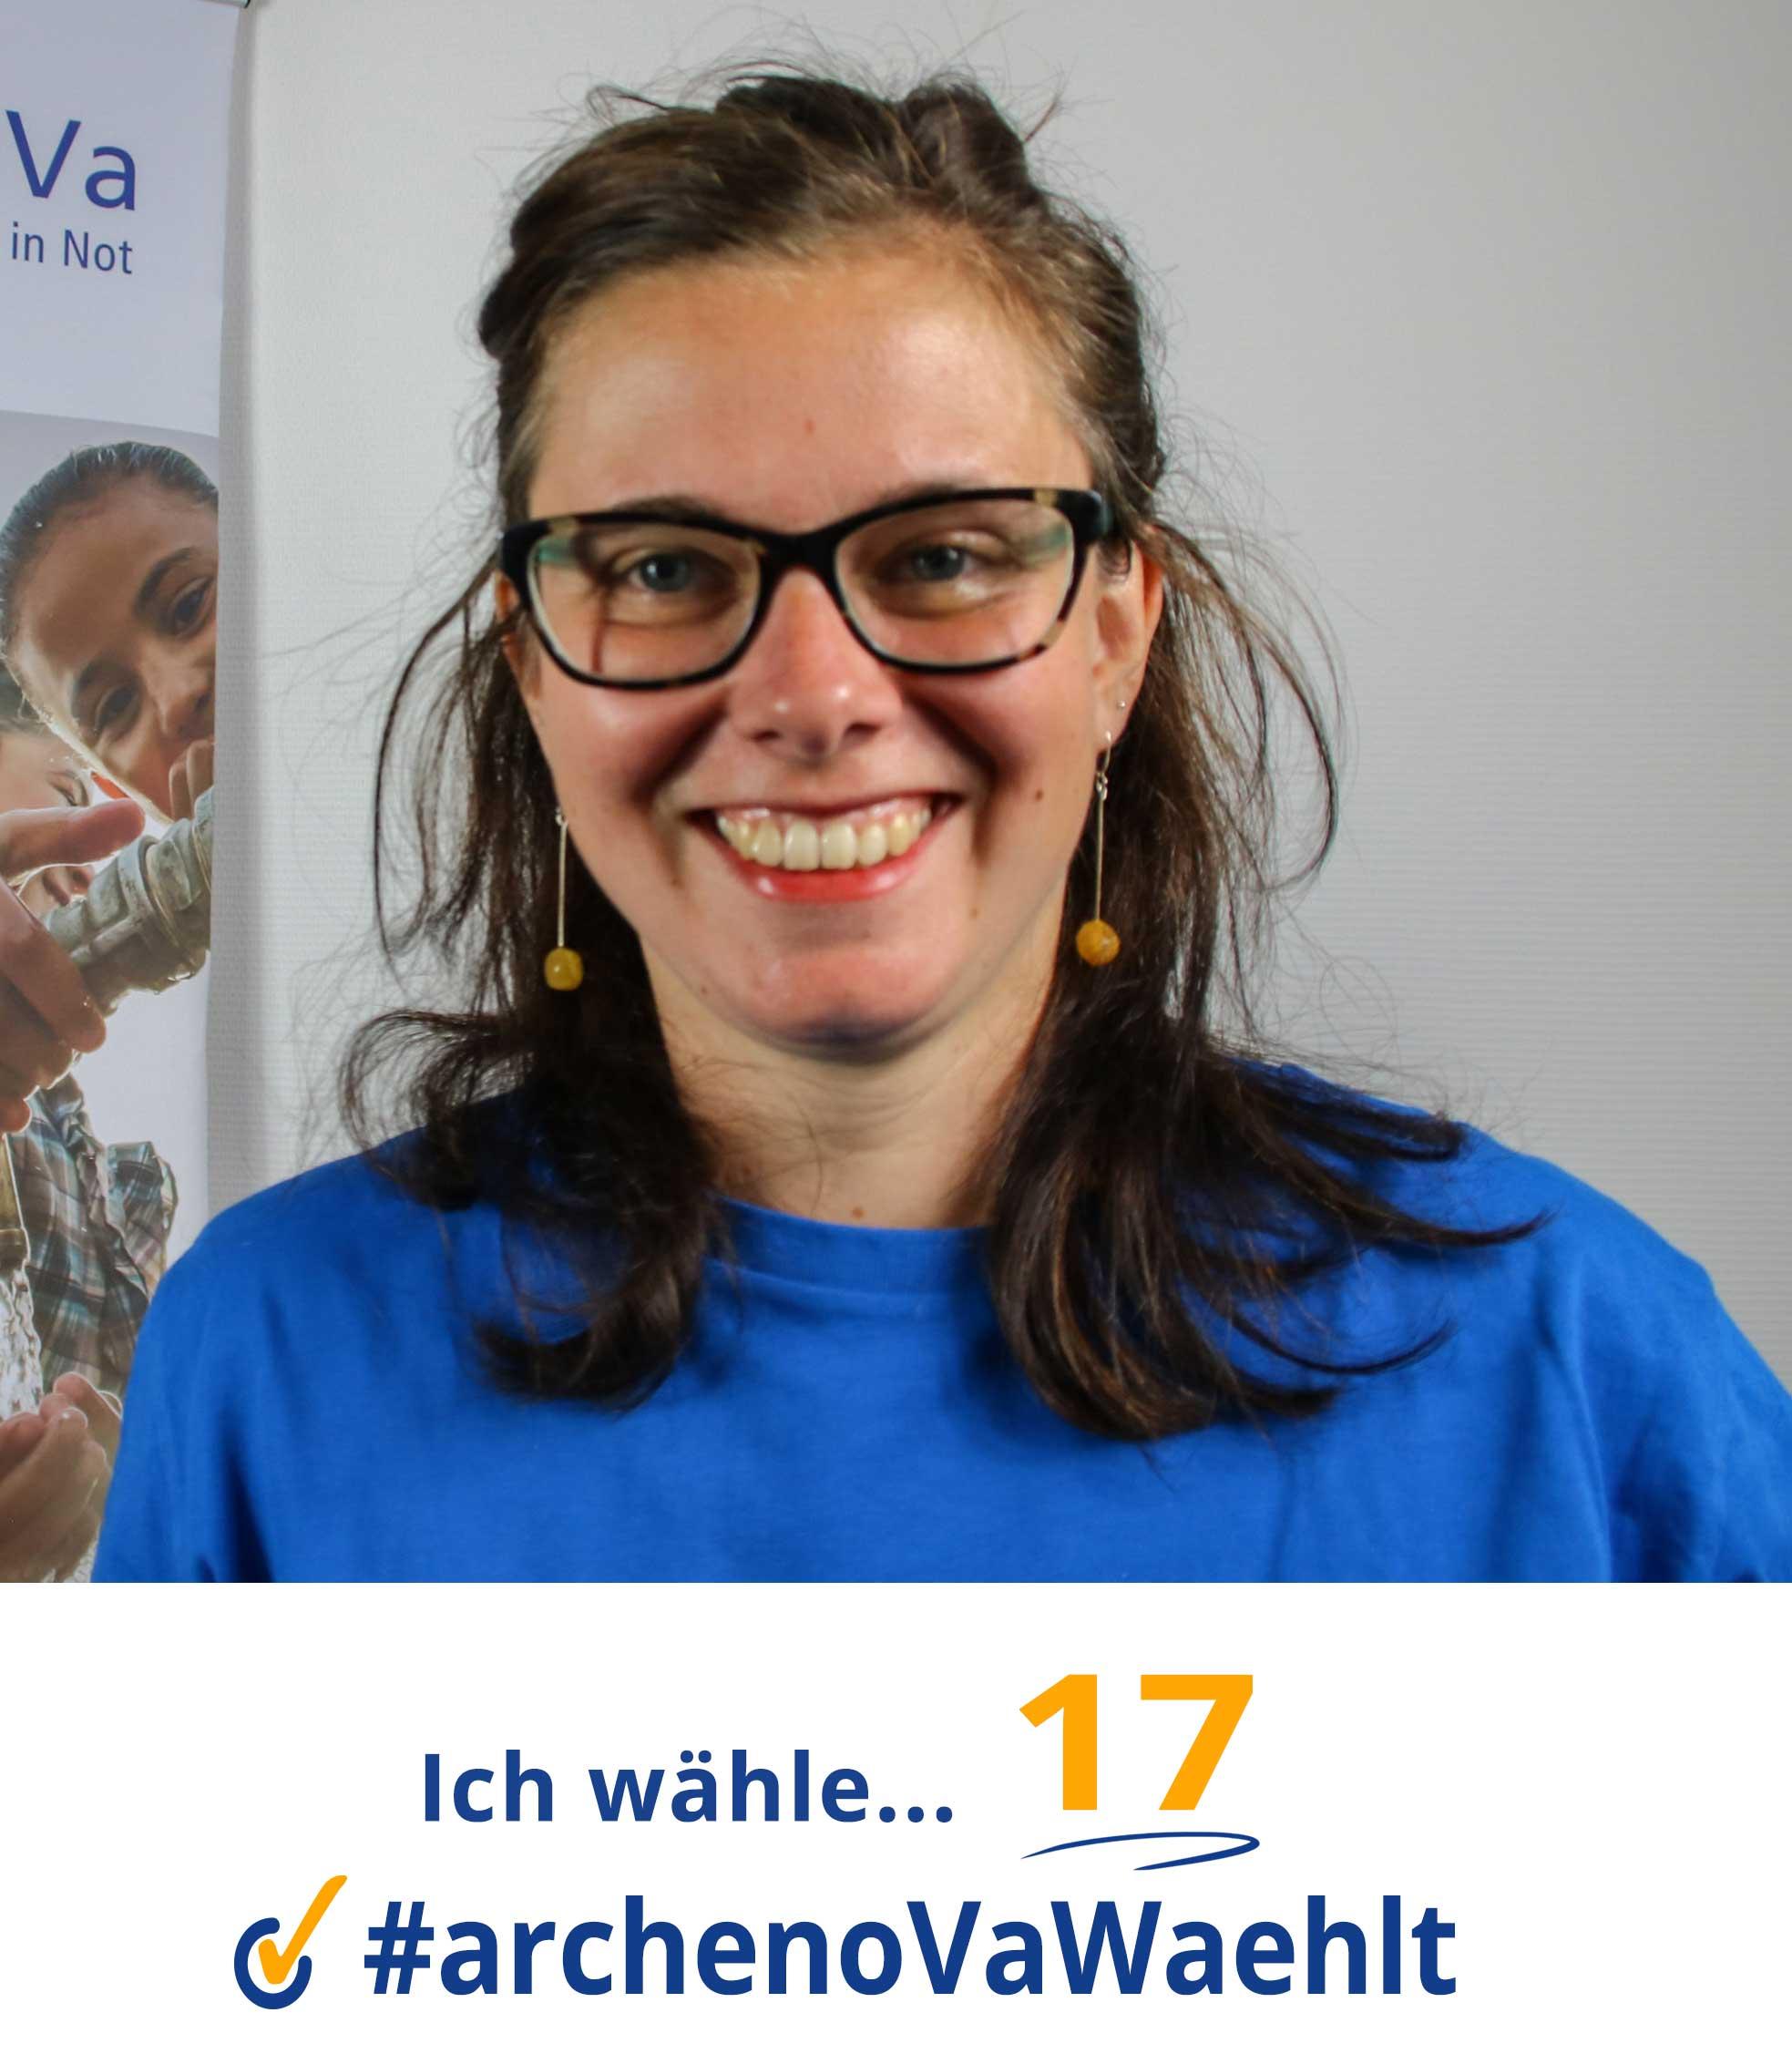 Bild von Magdalena mit Zitat zur Landtagswahl in Sachsen 2019